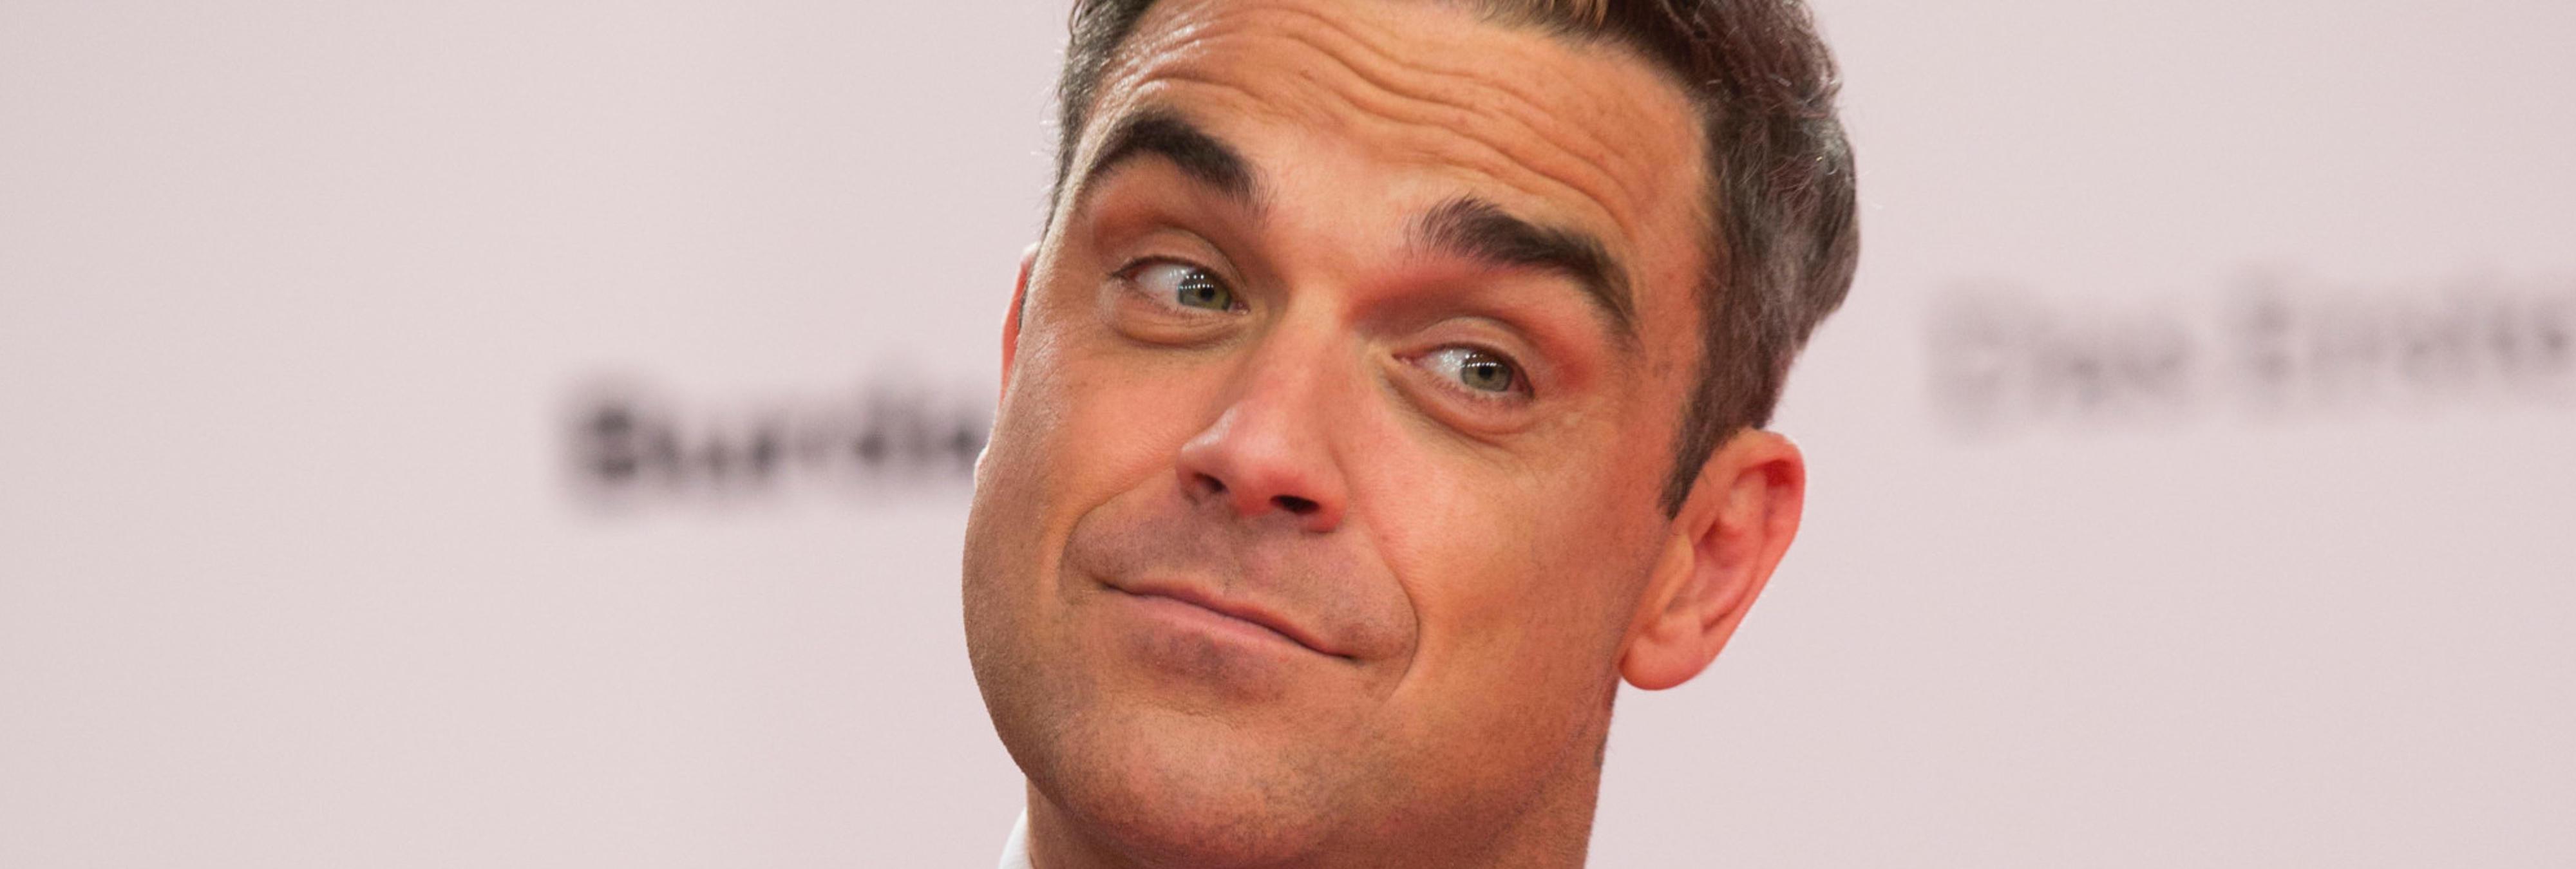 Críticas a Robbie Williams por desinfectarse las manos tras tocar a unos fans